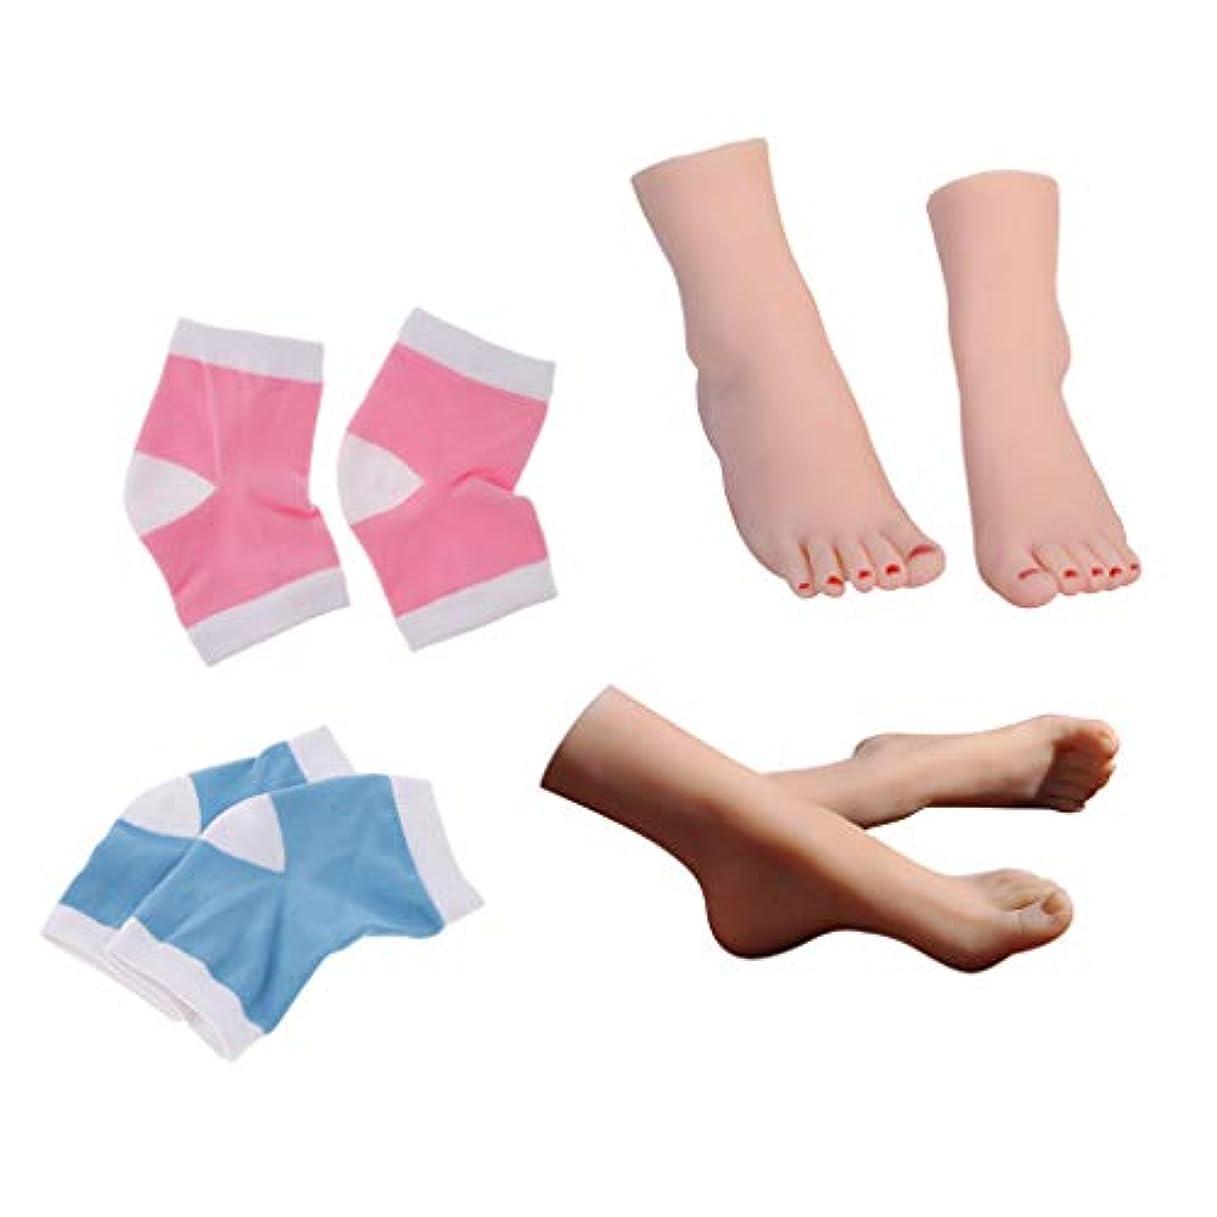 見分けるだますフィッティングSM SunniMix 2組マネキン 足モデル 女性+2組 足の袖 足用スリーブ 靴下 靴 足首 ディスプレイ